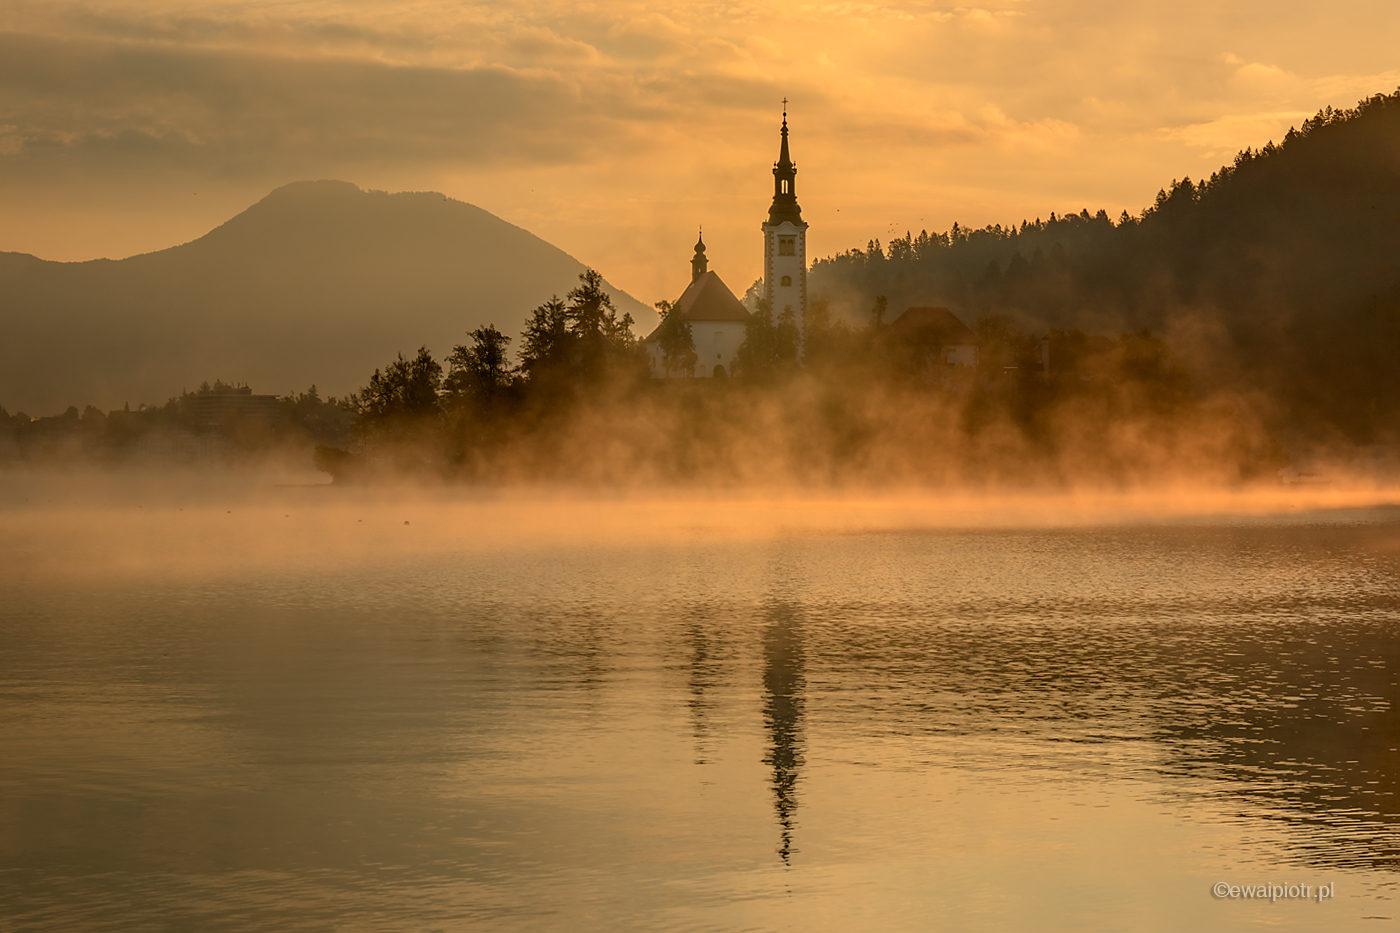 Kościół na jeziorze Bled, Słowenia, mgła, fotowyprawa